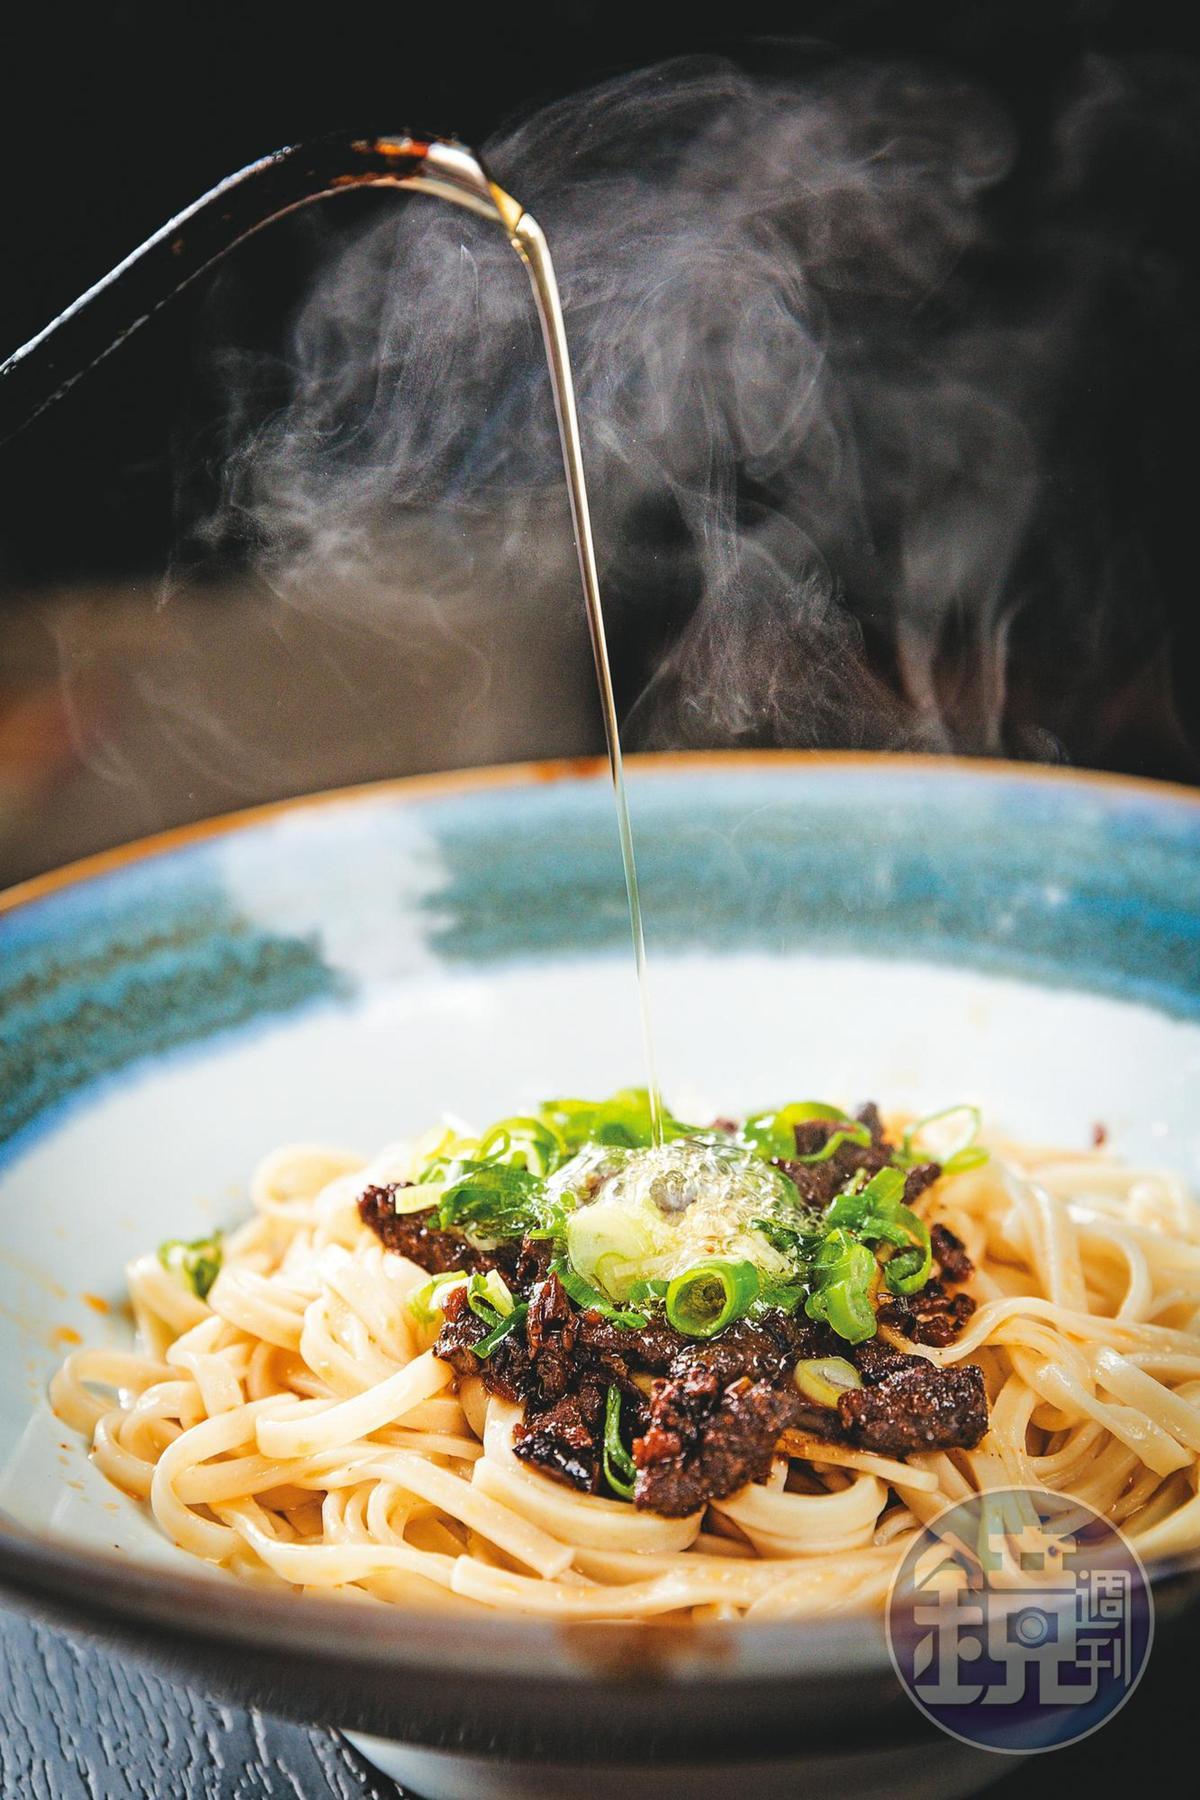 放上獨門椒麻和牛肉燥,撒點蔥花,最後再淋上滾燙的牛油,香味瞬間四溢。(和牛乾拌麵套餐,含雞湯及小菜/180元)